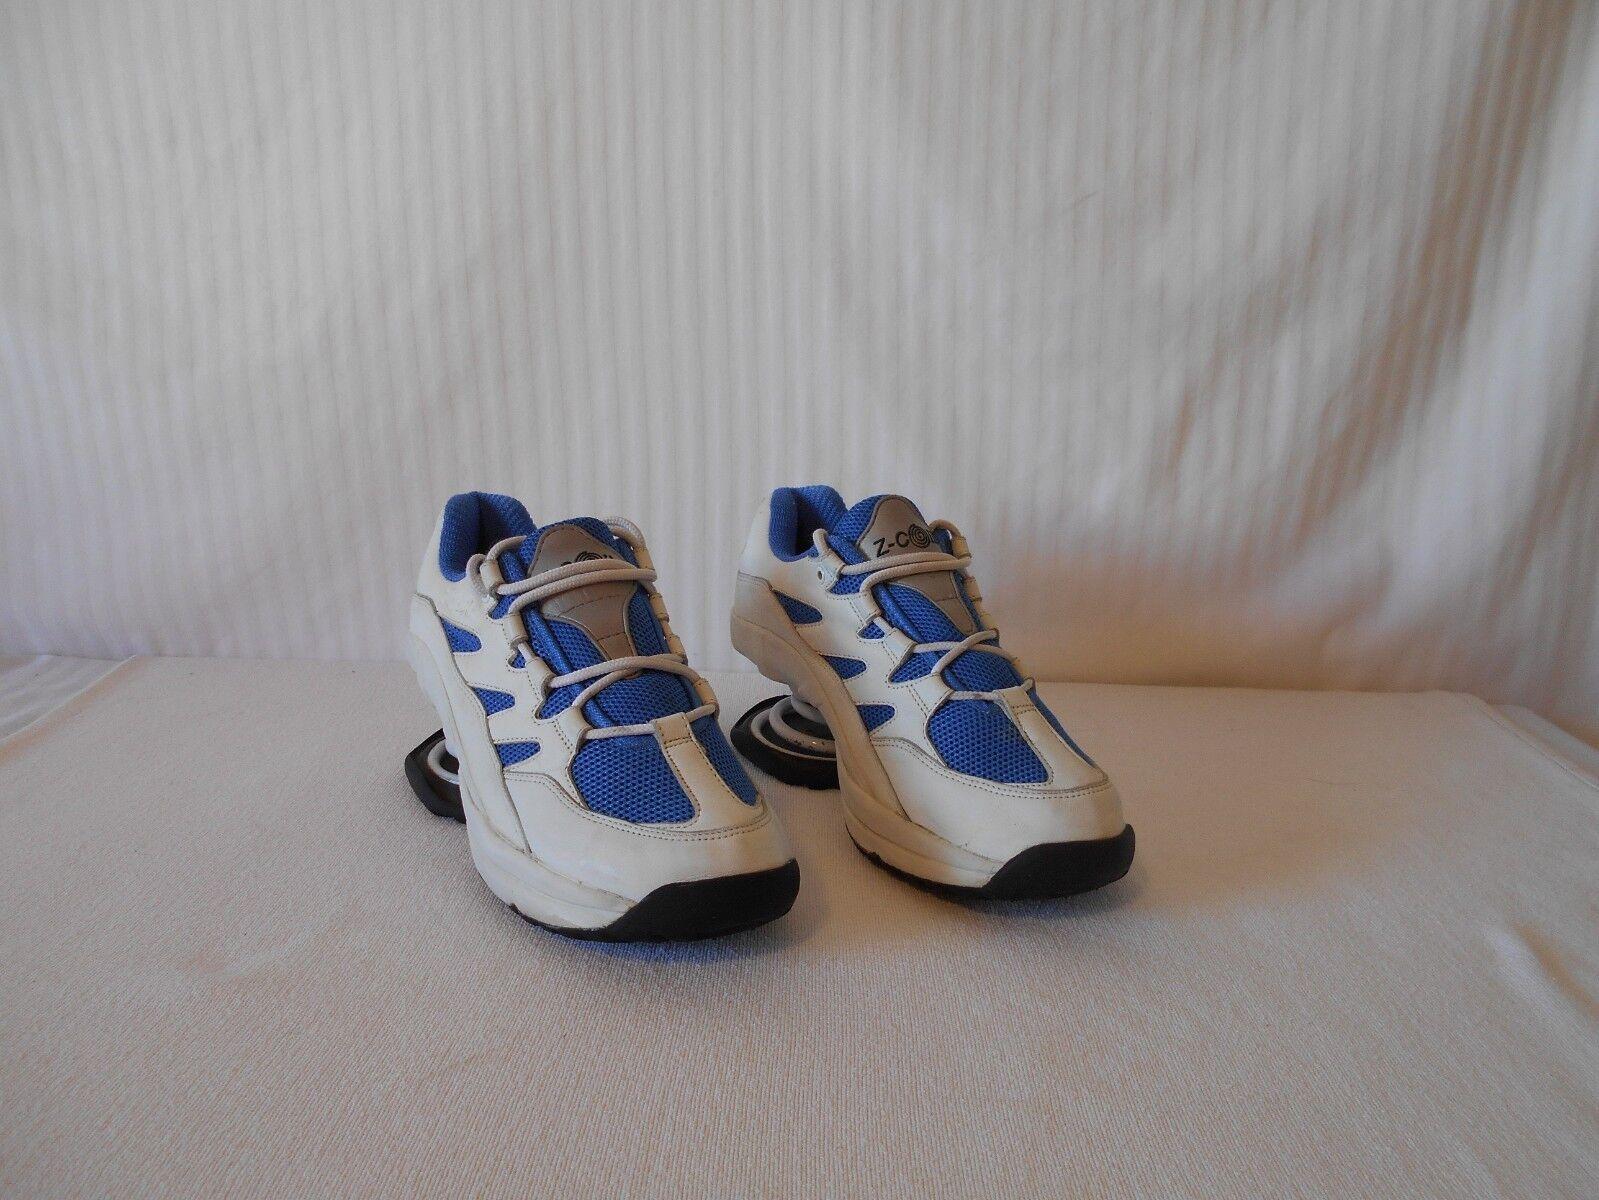 Mens Z-COIL scarpe(US-10)(Eu-44) scarpe(US-10)(Eu-44) scarpe(US-10)(Eu-44) bianca blu 28451a